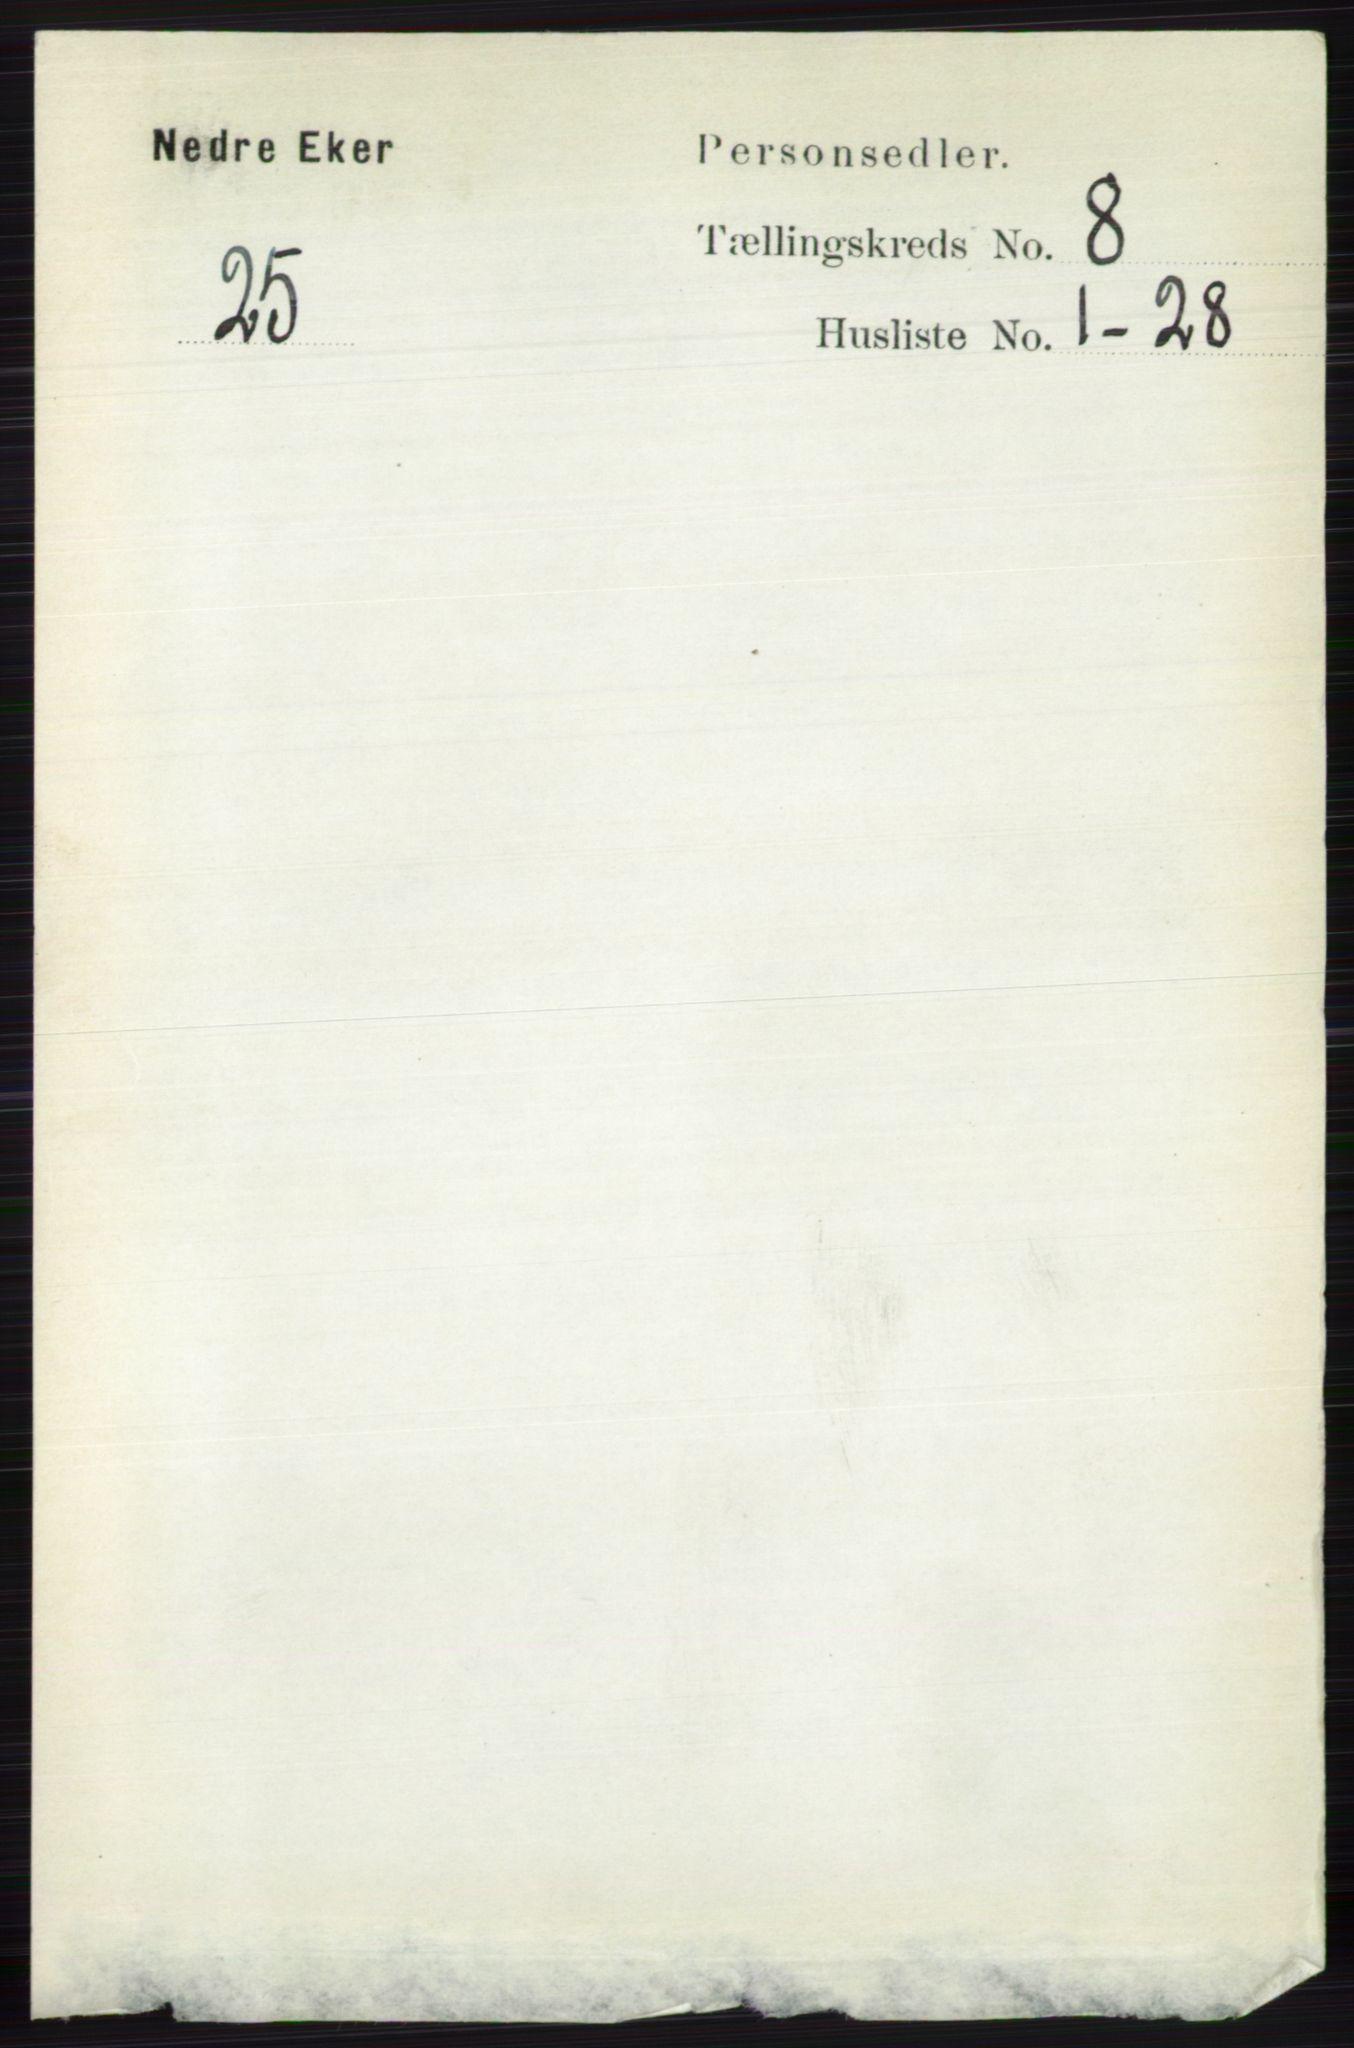 RA, Folketelling 1891 for 0625 Nedre Eiker herred, 1891, s. 3952